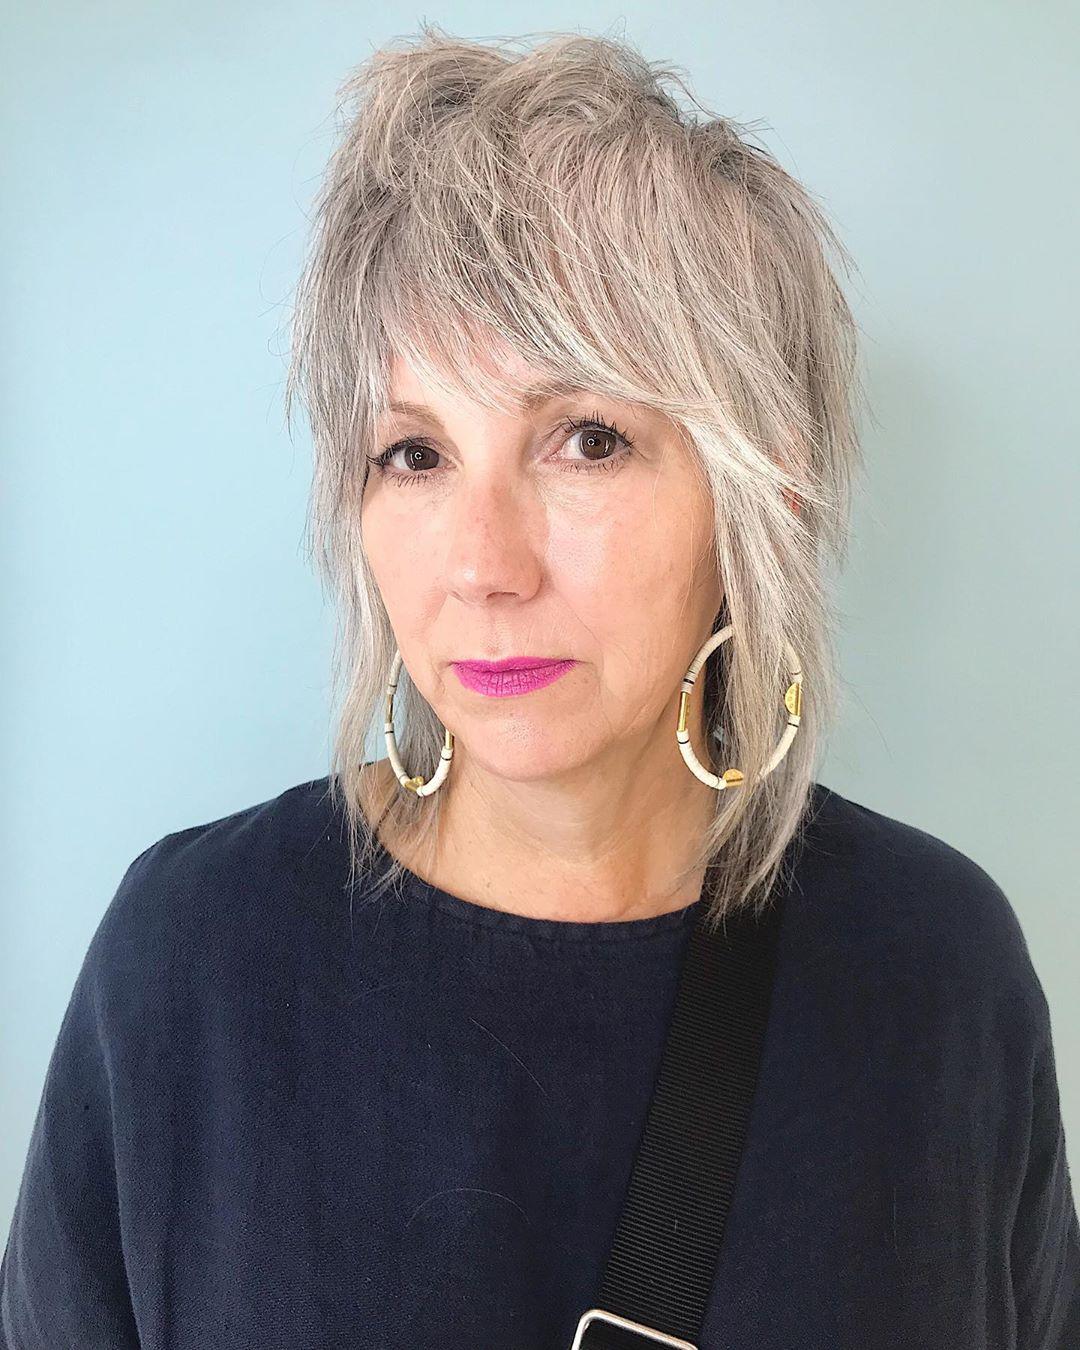 Coupe de cheveux jeune et hirsute pour les femmes de plus de 50 ans aux cheveux fins.